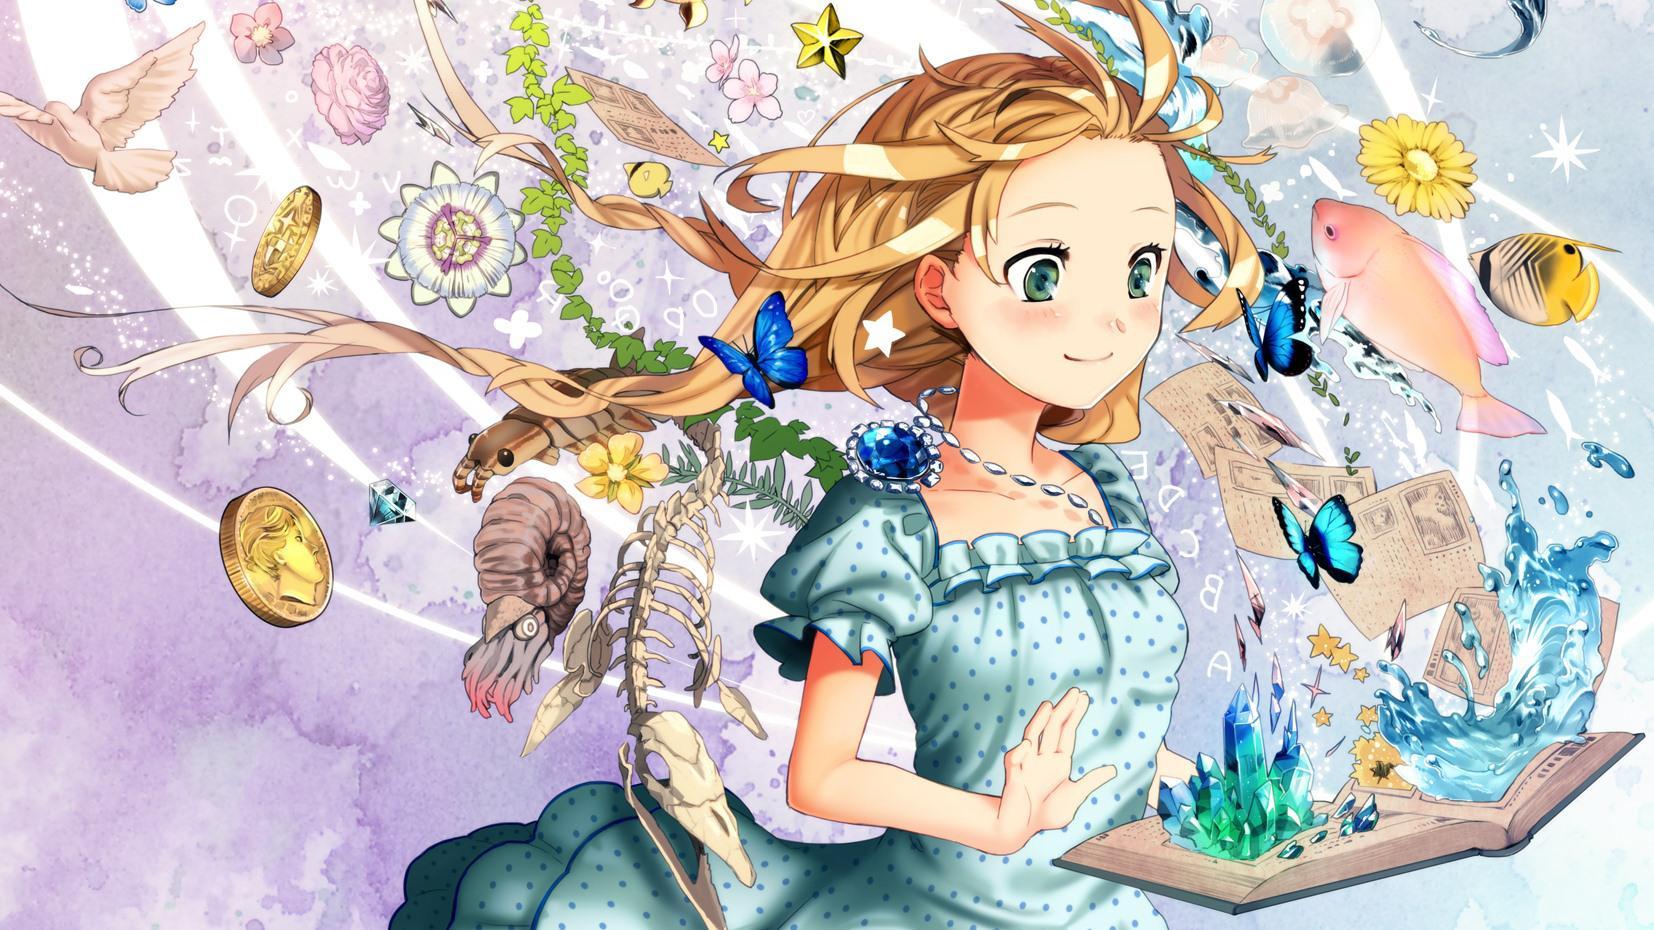 نقاشی کارتون ژاپنی